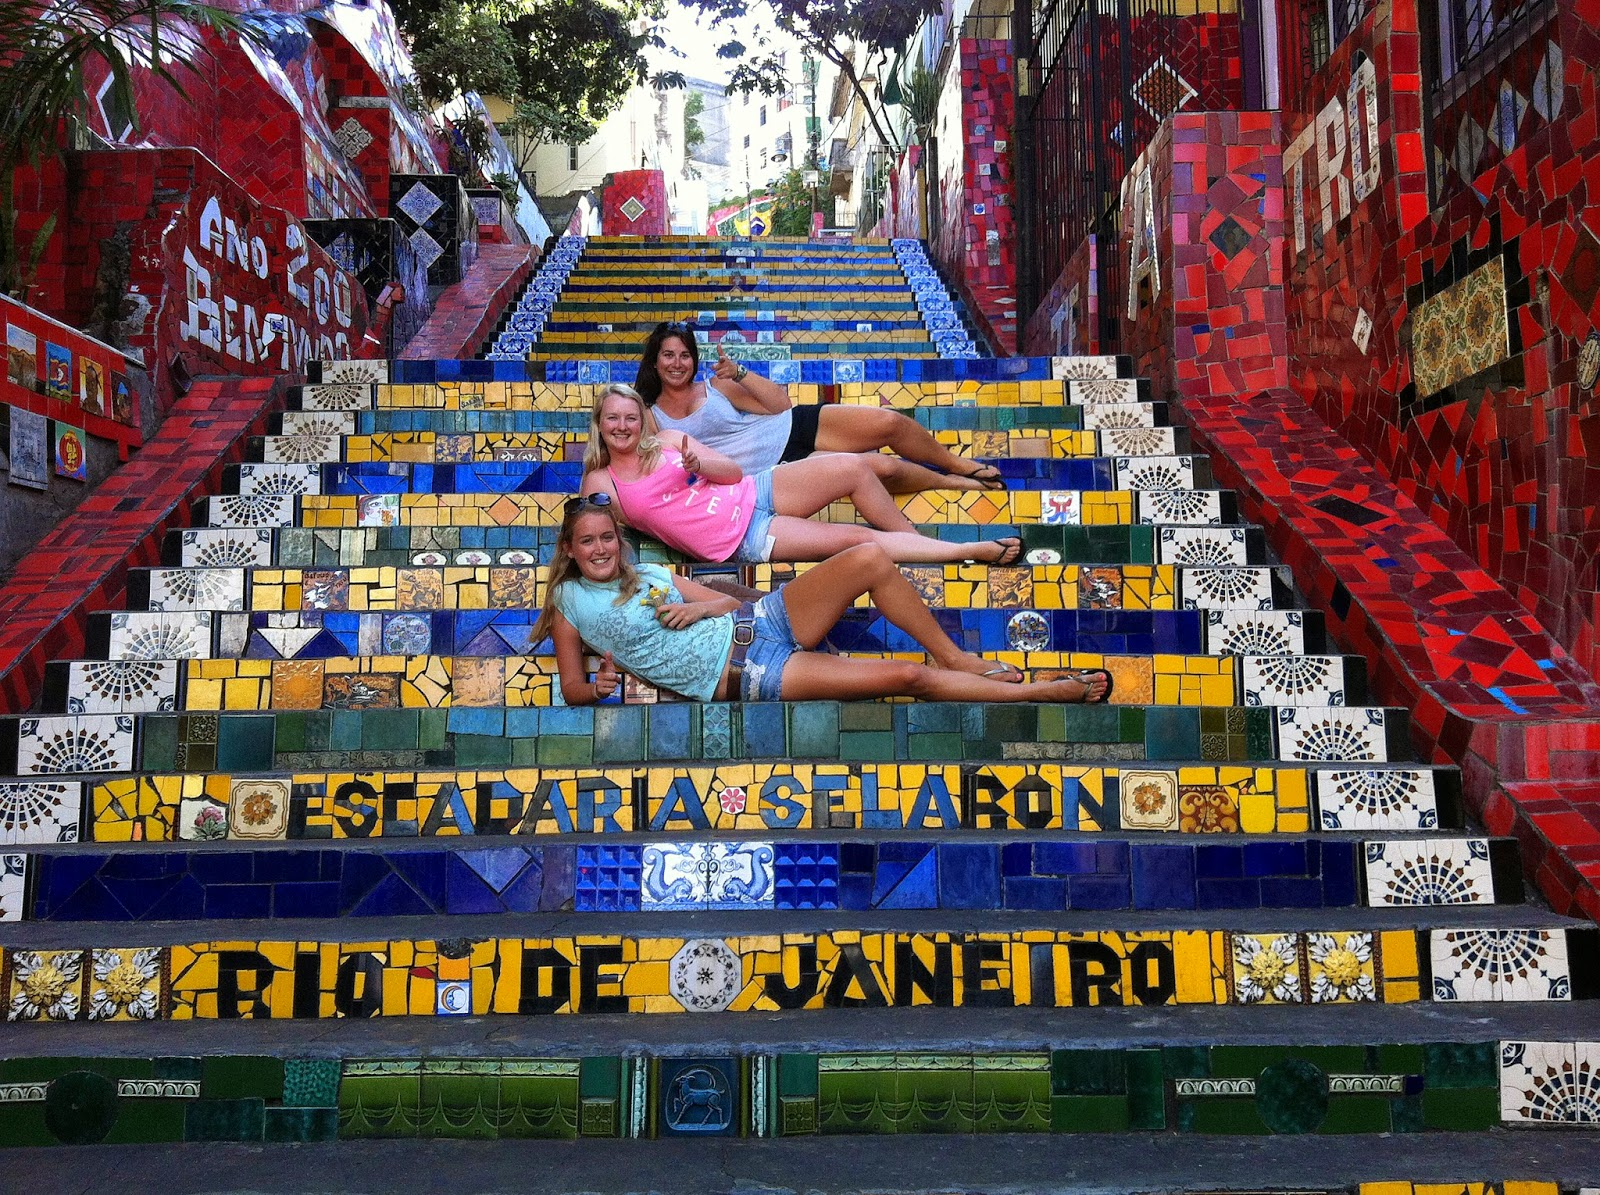 Girls laying on Escadaria Selaron in Rio de Janeiro